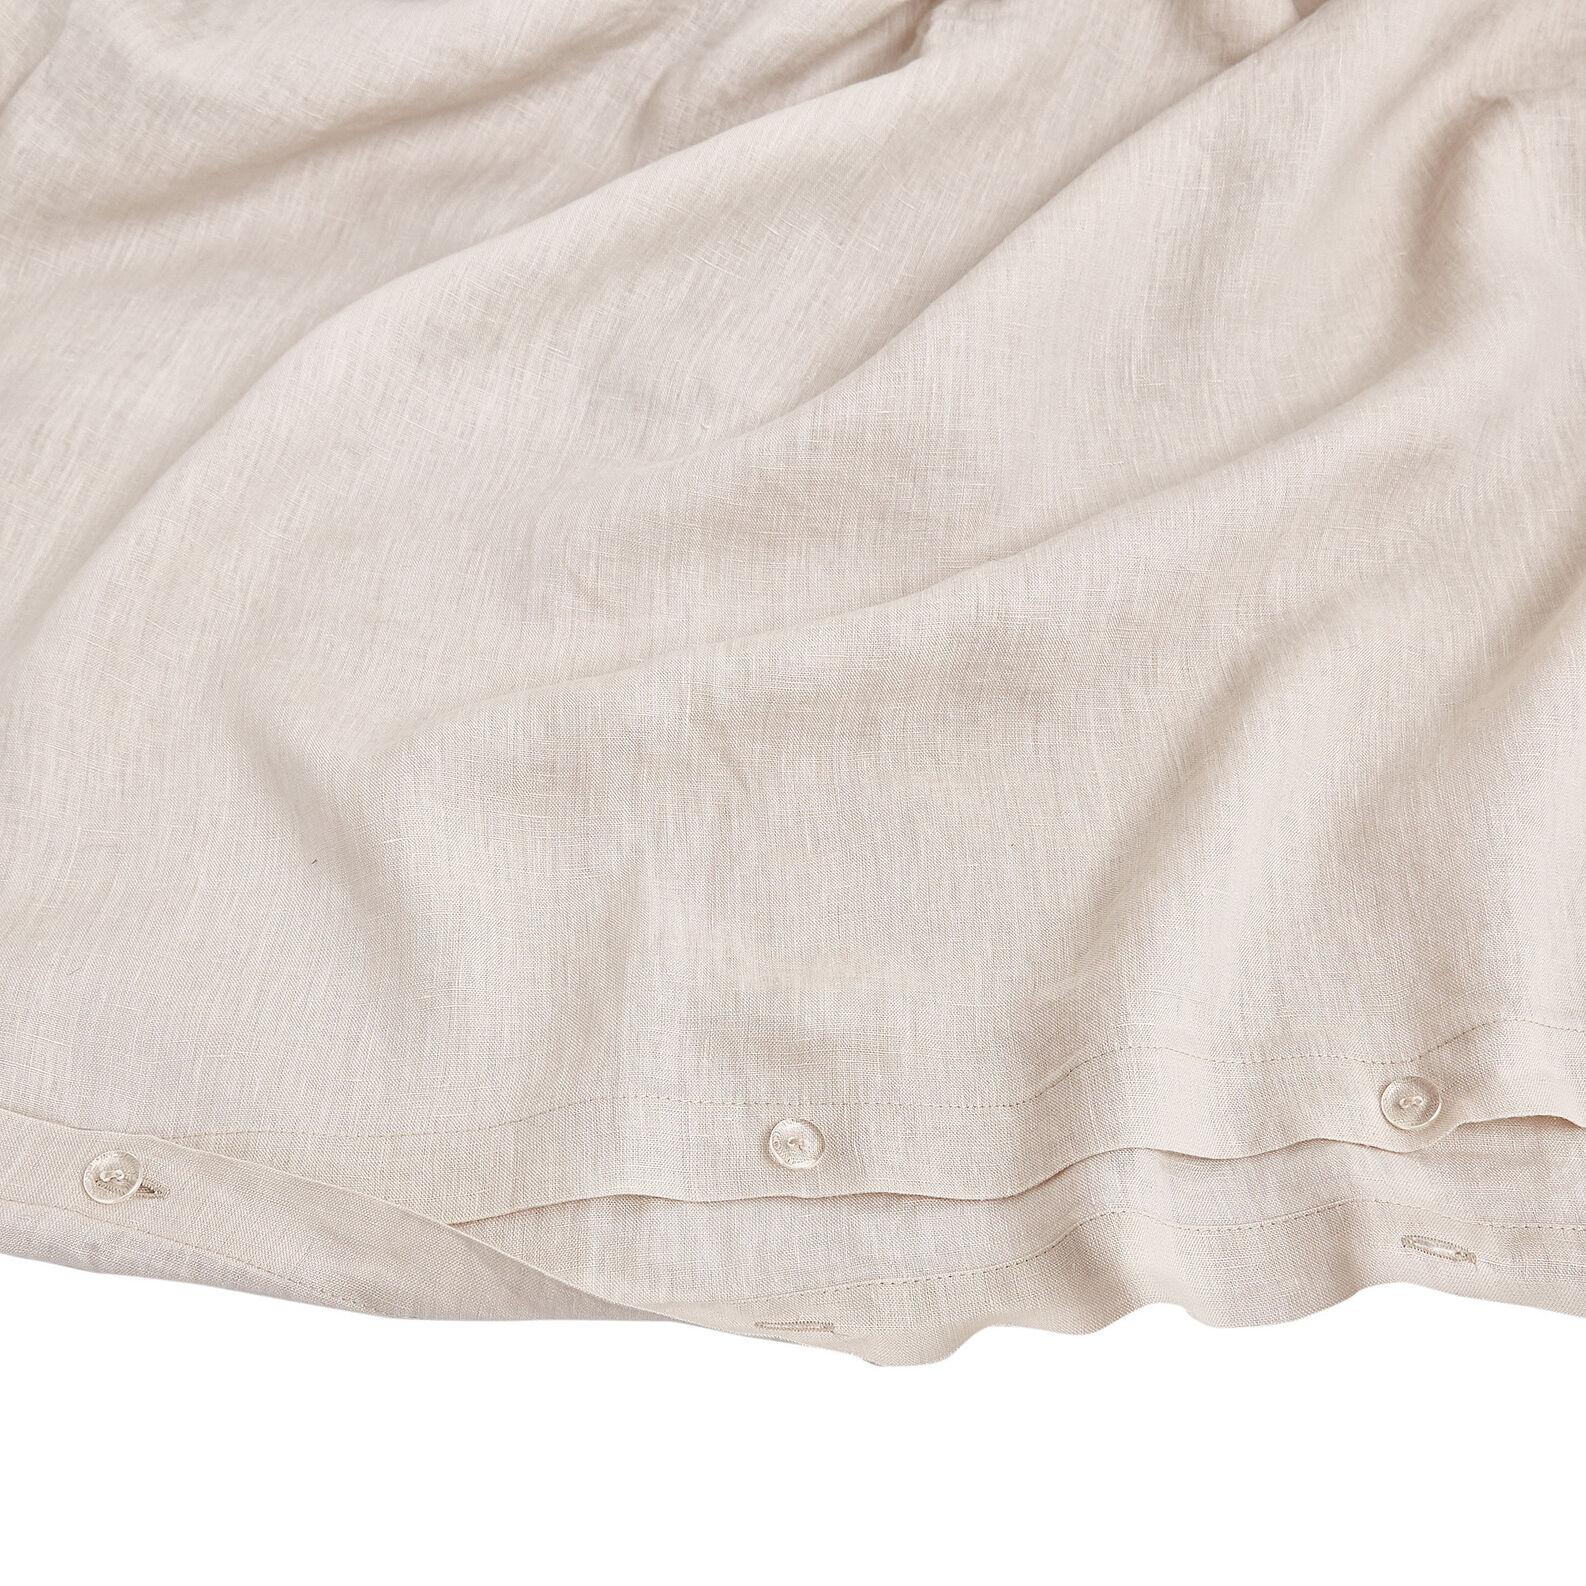 Plain 145 g linen duvet cover high quality